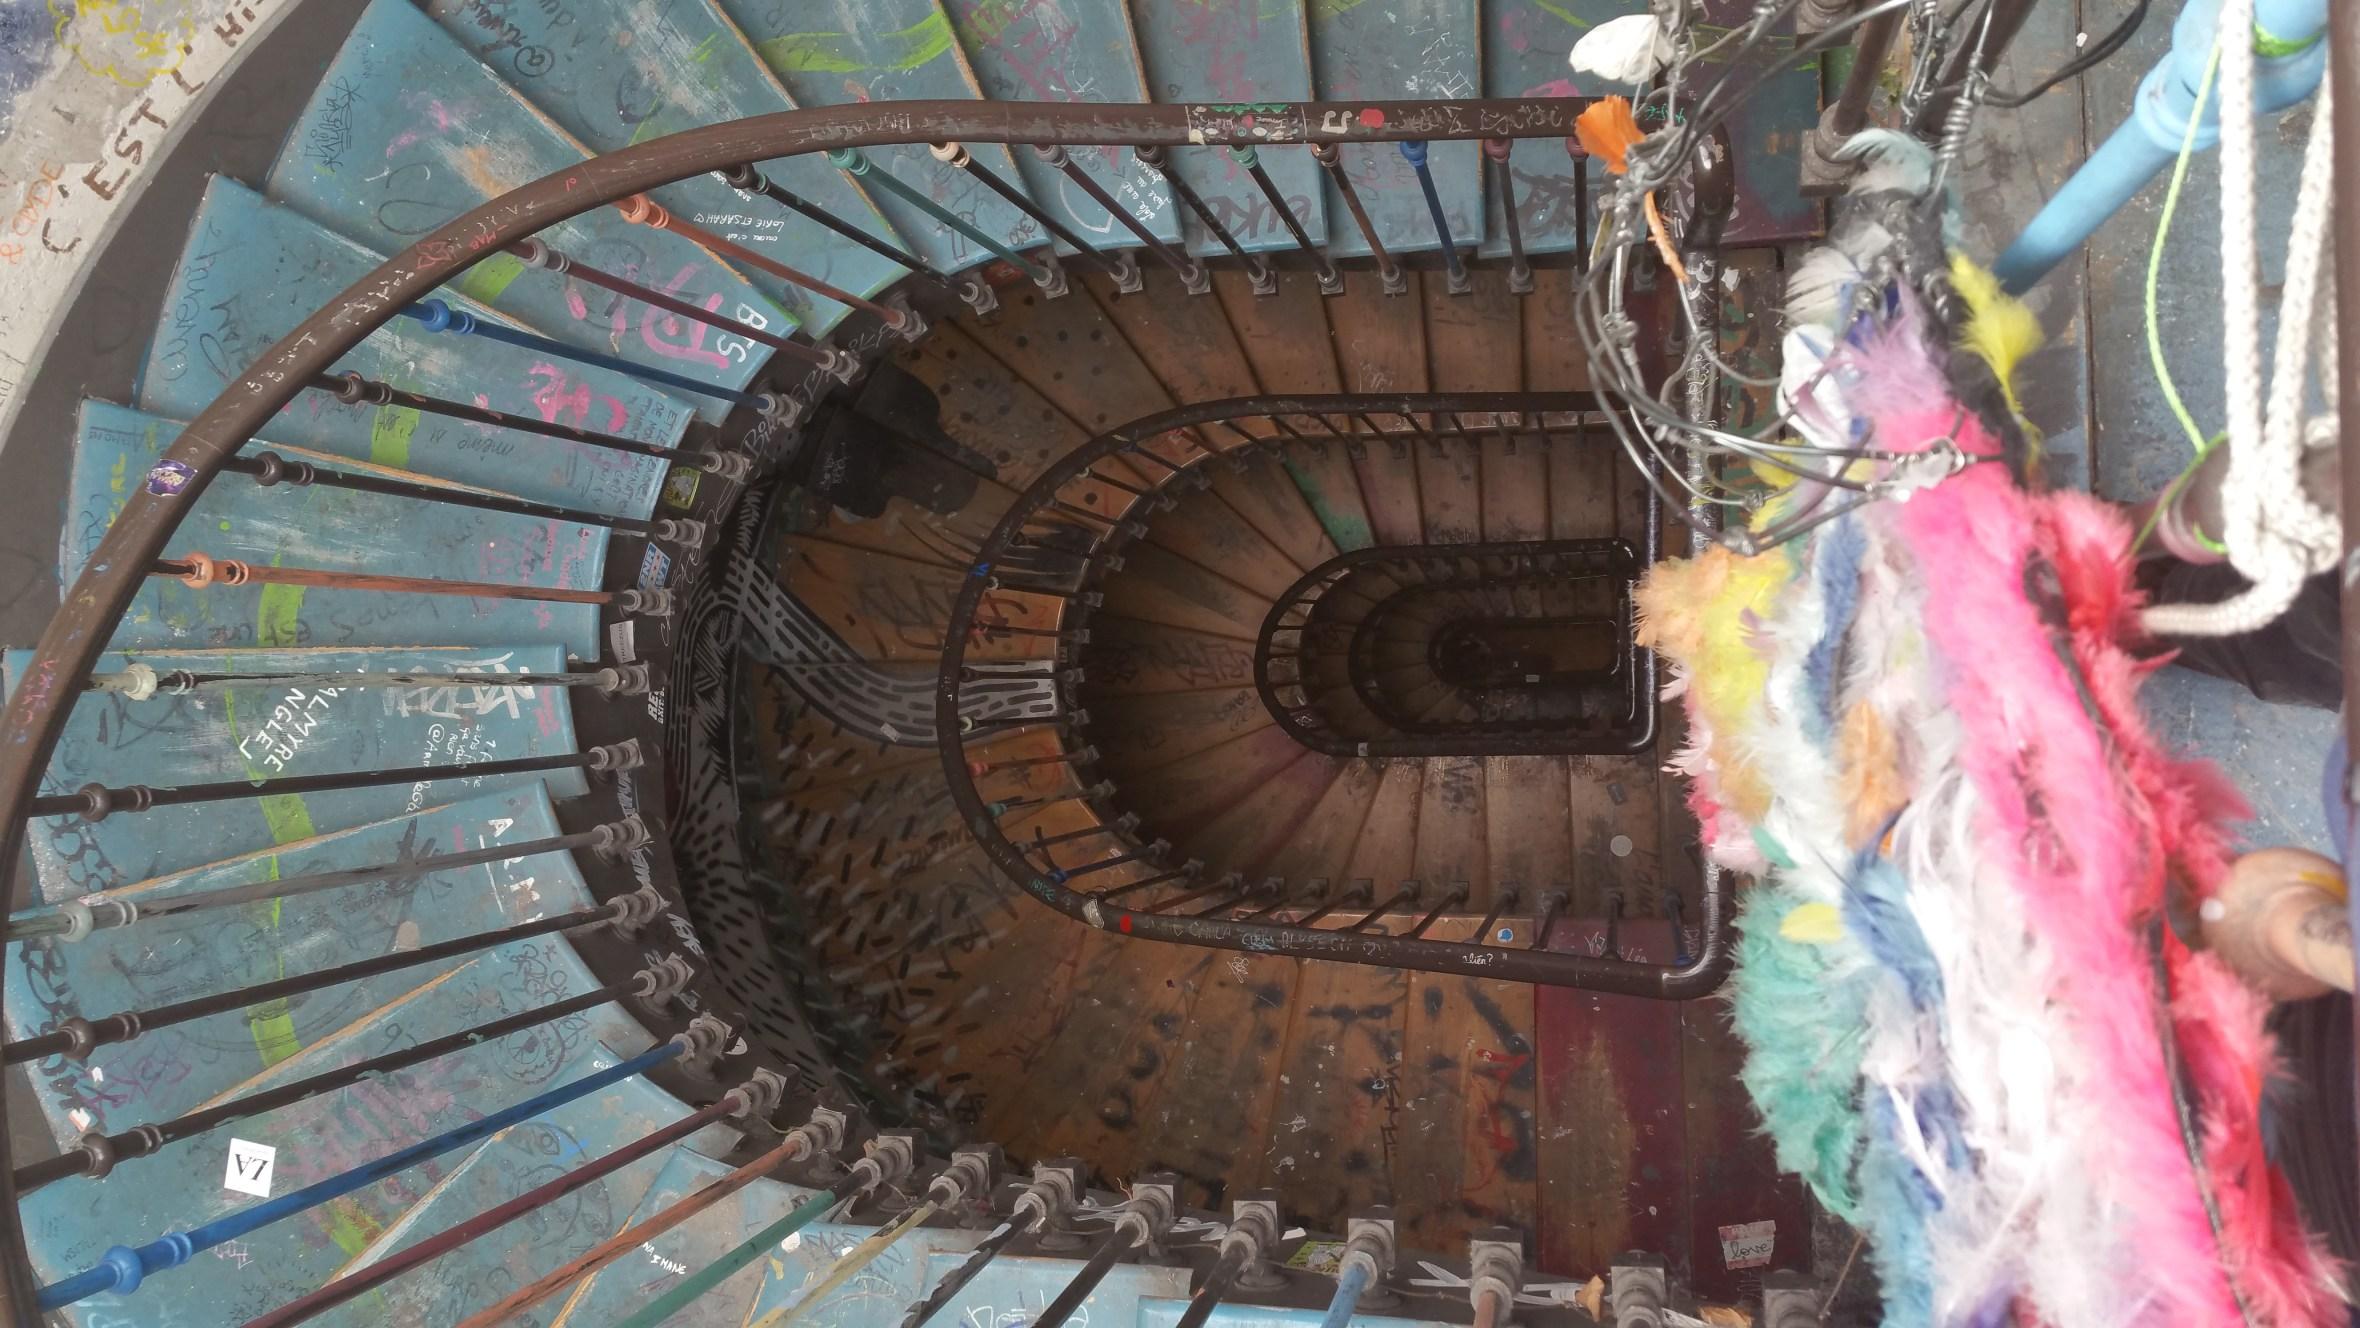 Stairs at 59 Rivoli